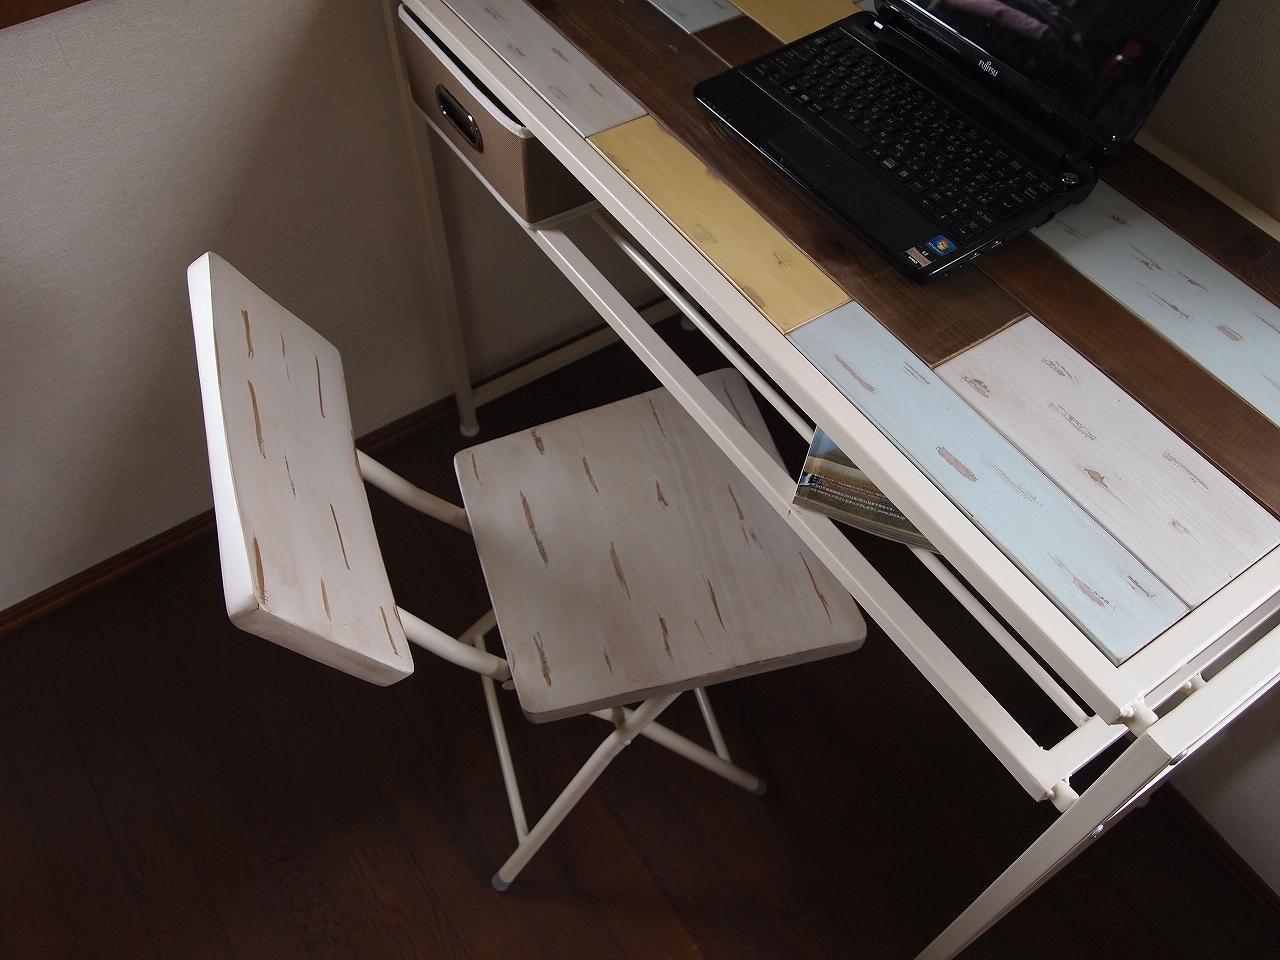 Shabby Chic Folder Chair / シャビーシックスタイル シャビーシック 折り畳みチェア